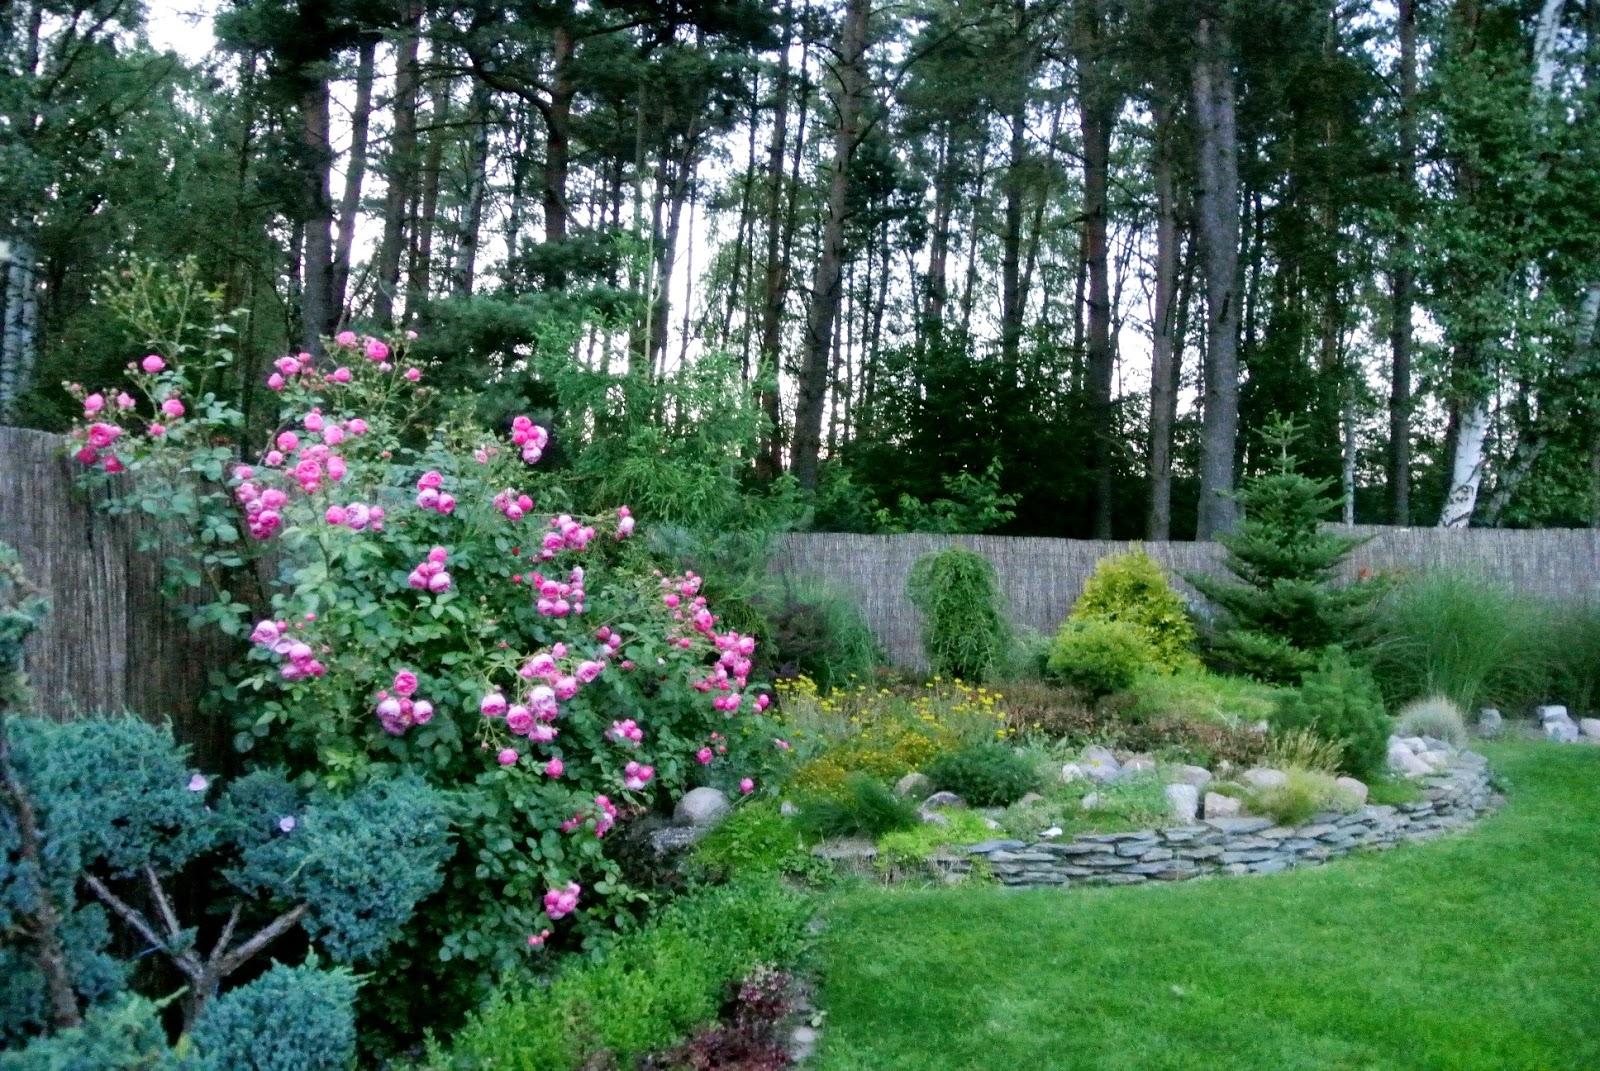 róża pomponella,skalniak,jak zrobić skalniak,w narożniku ogrodu,dom przy lesie,łupek na murek,murek z łupka,rabaty,pnącza,rośliny na skalniak,pomponiki,piękna róża,róża która nie choruje